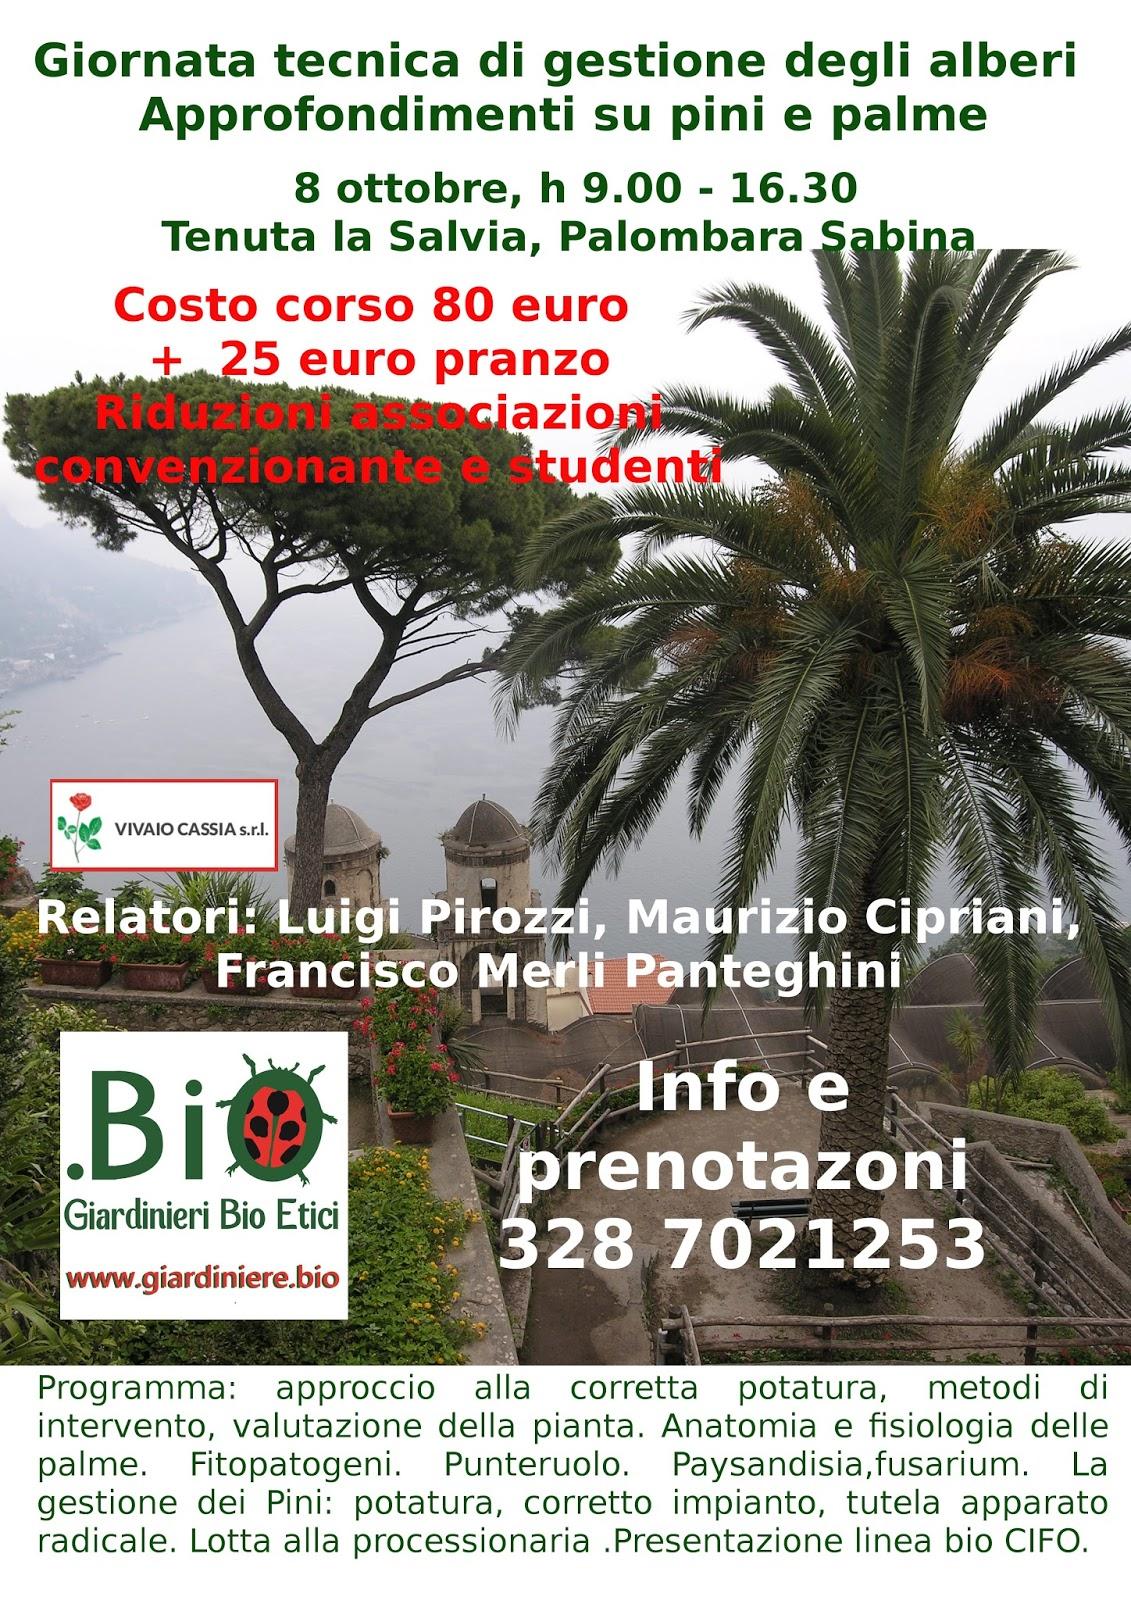 Giardiniere bio etico nuovi partner per i giardinieri for Giardinieri verona